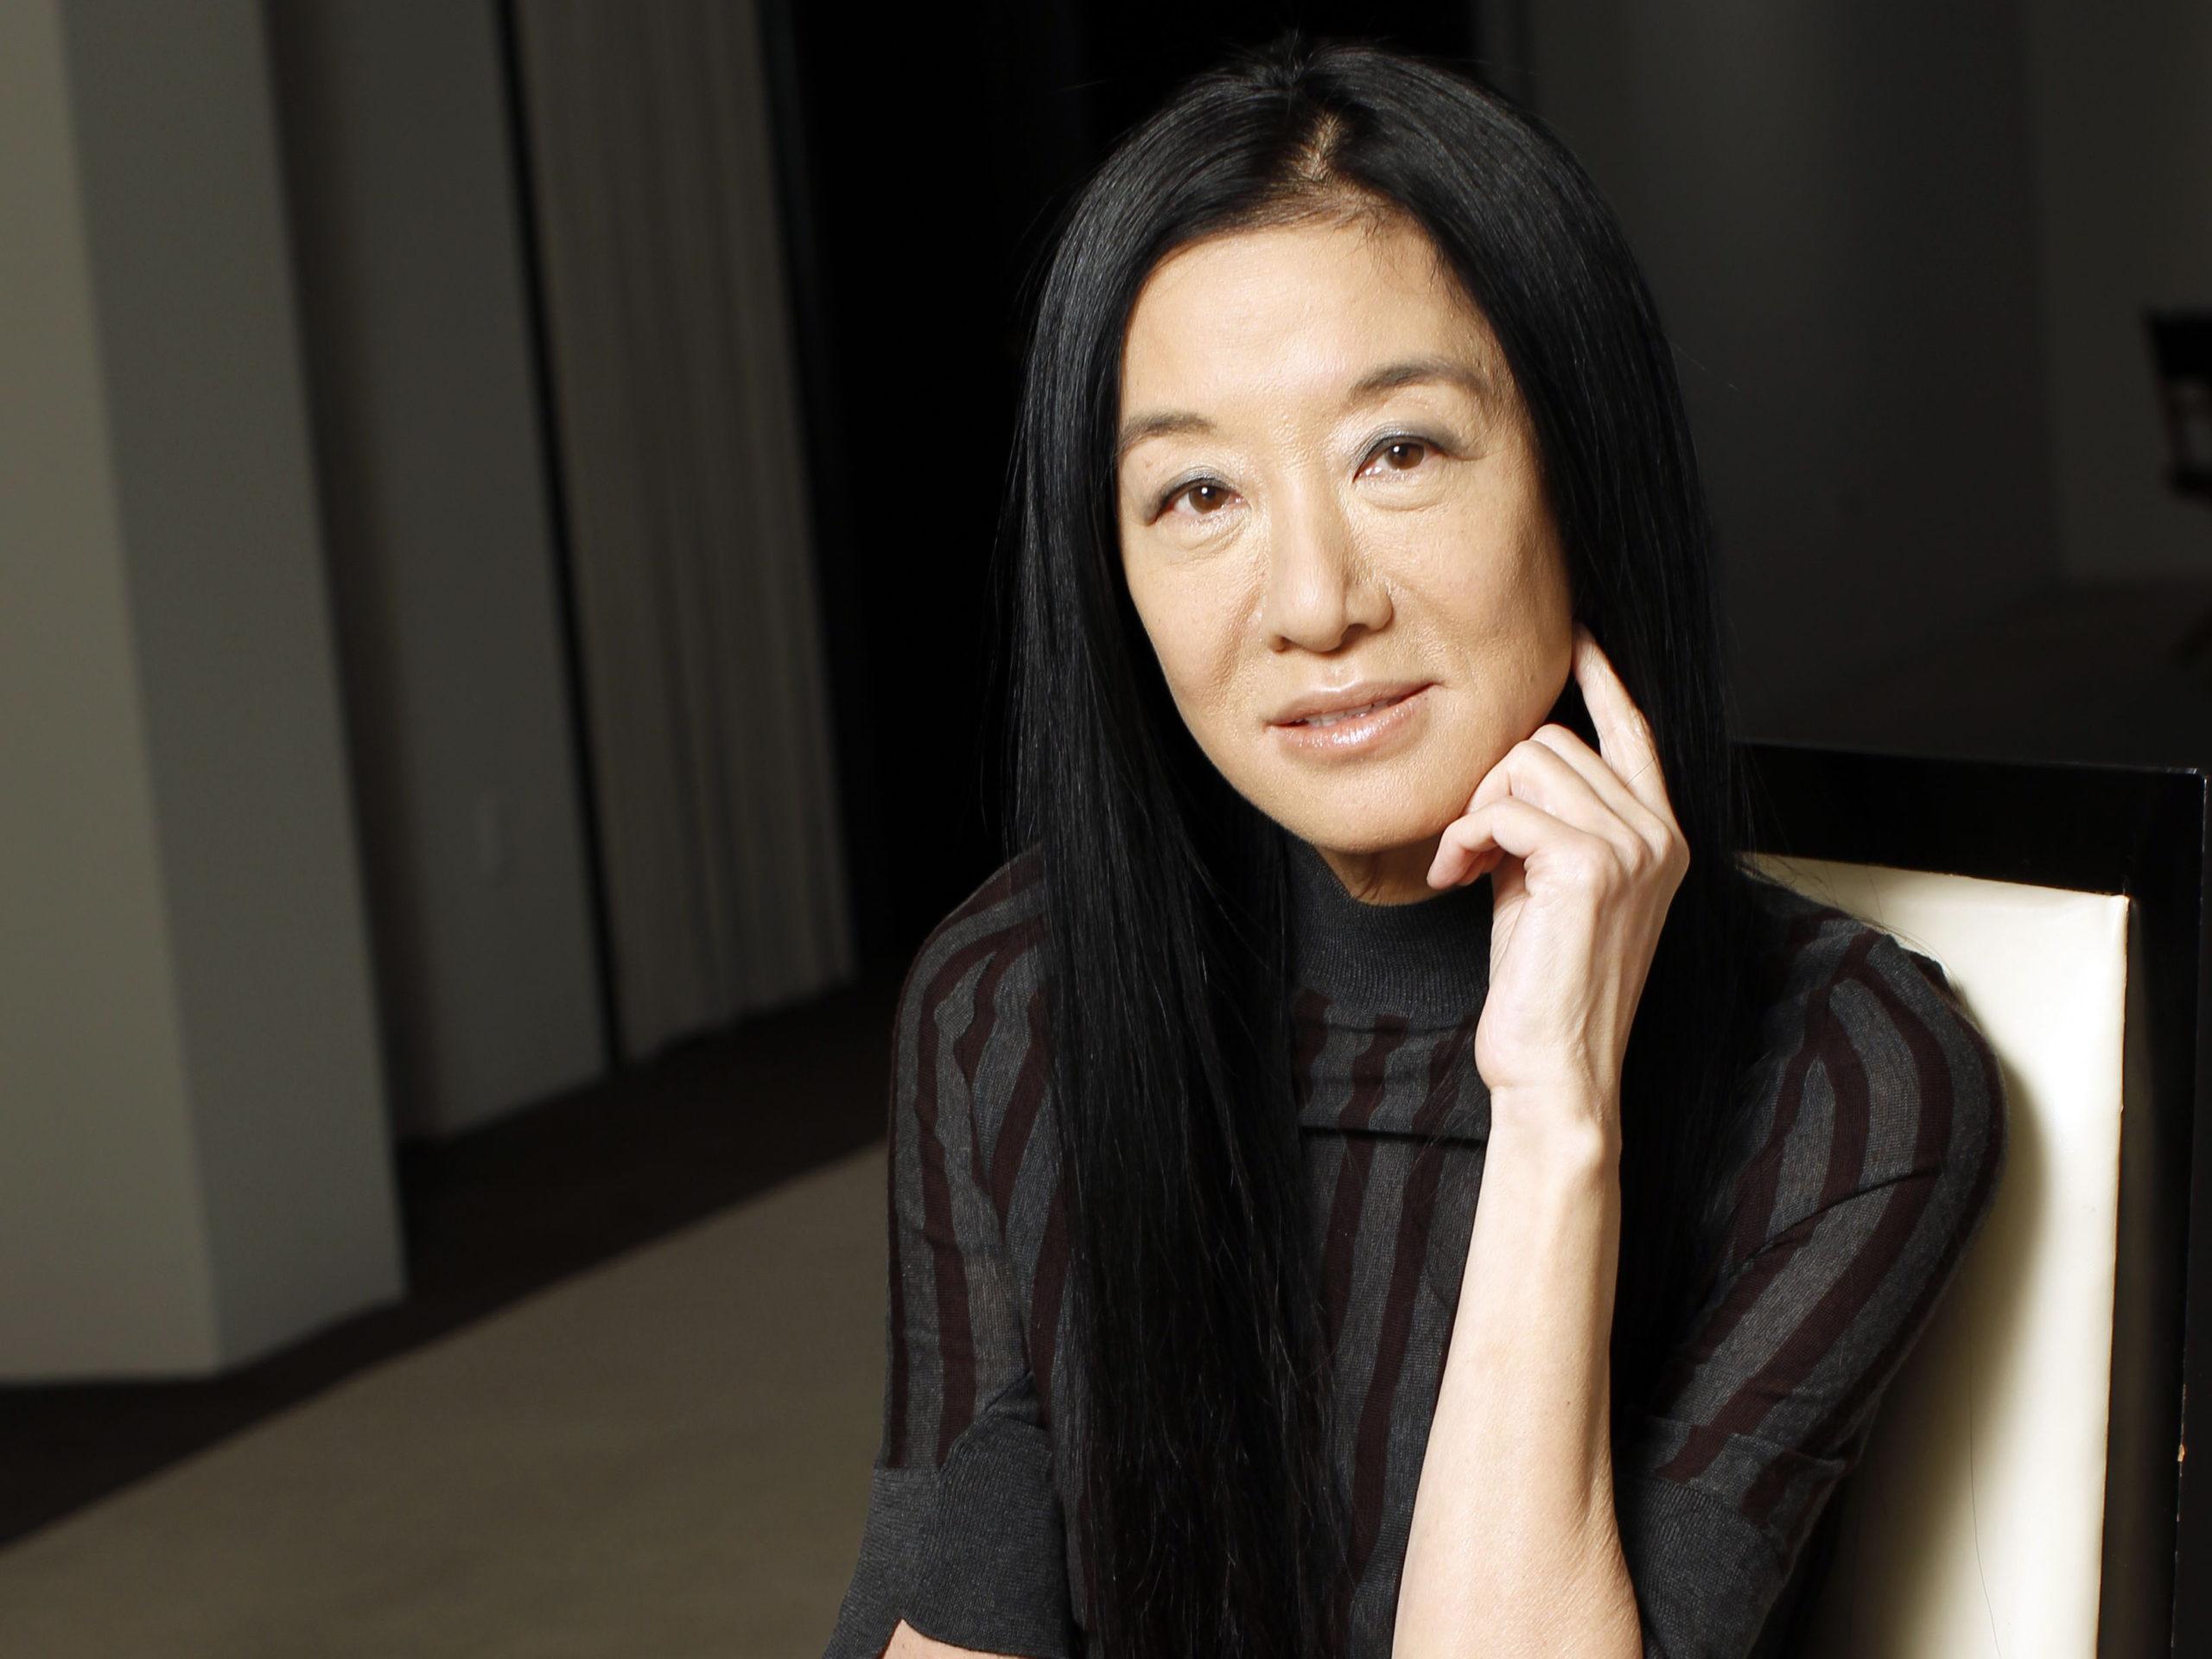 Что известно о модельере Вере Элен Вонг? Какова ее биография и основные факты о жизни?